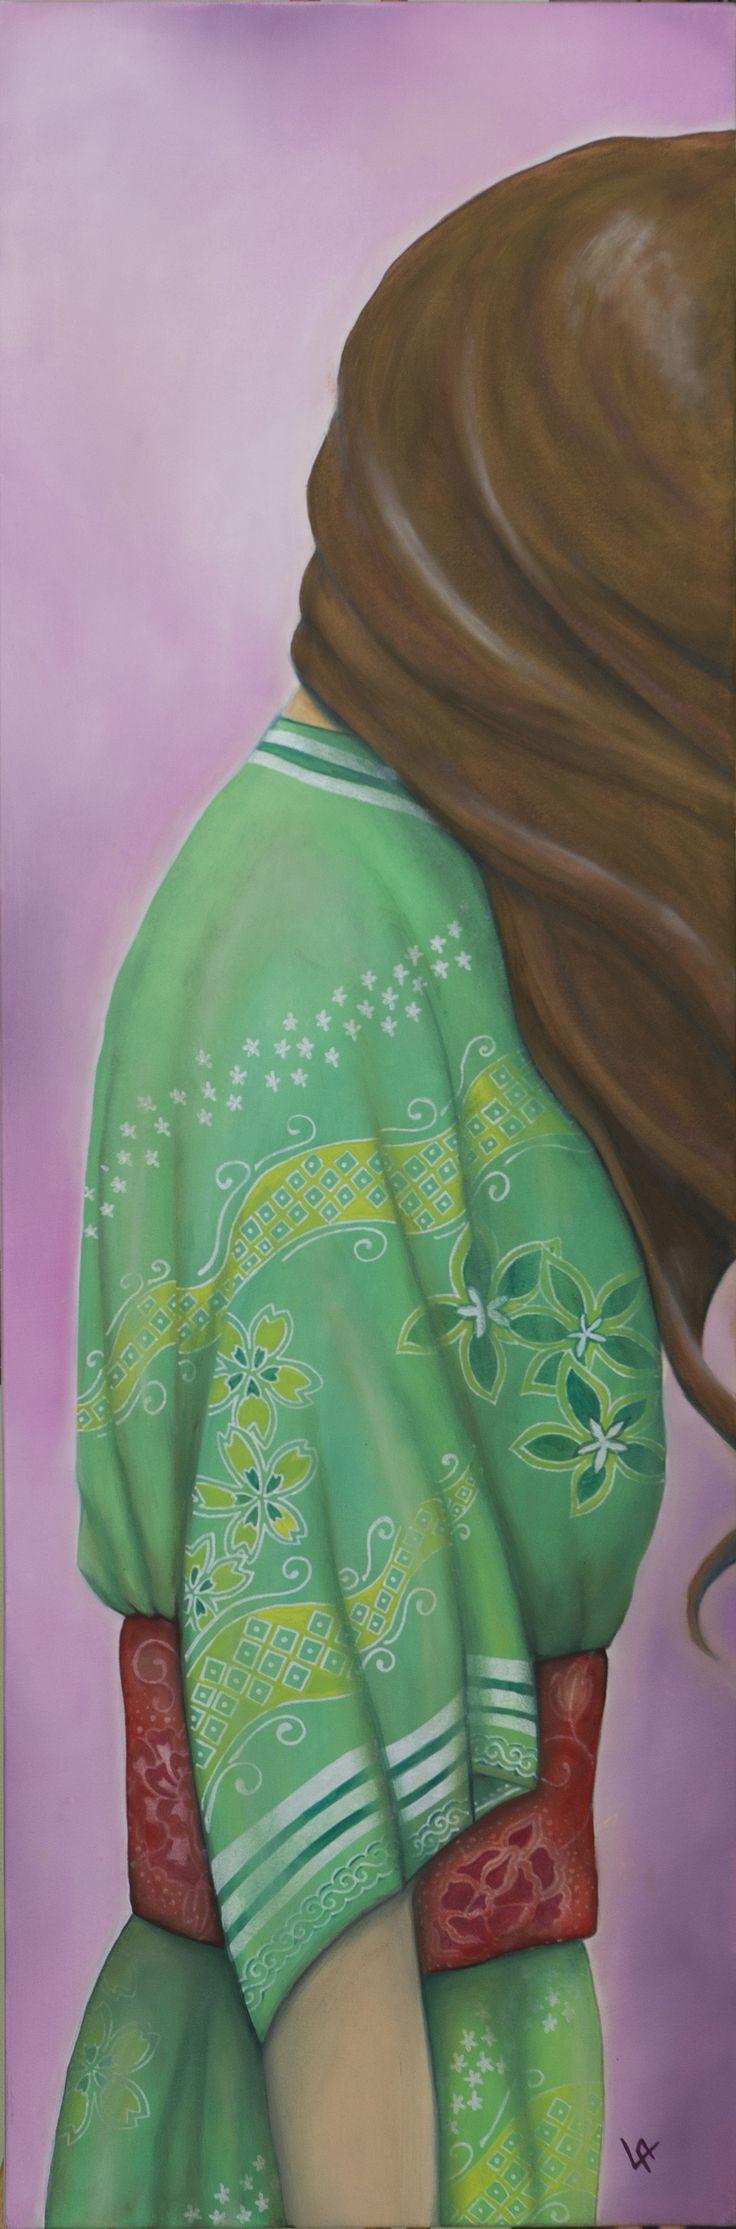 Falsa Amicizia (Senso di colpa) _ olio su tela e vernice smaltata _ 2015